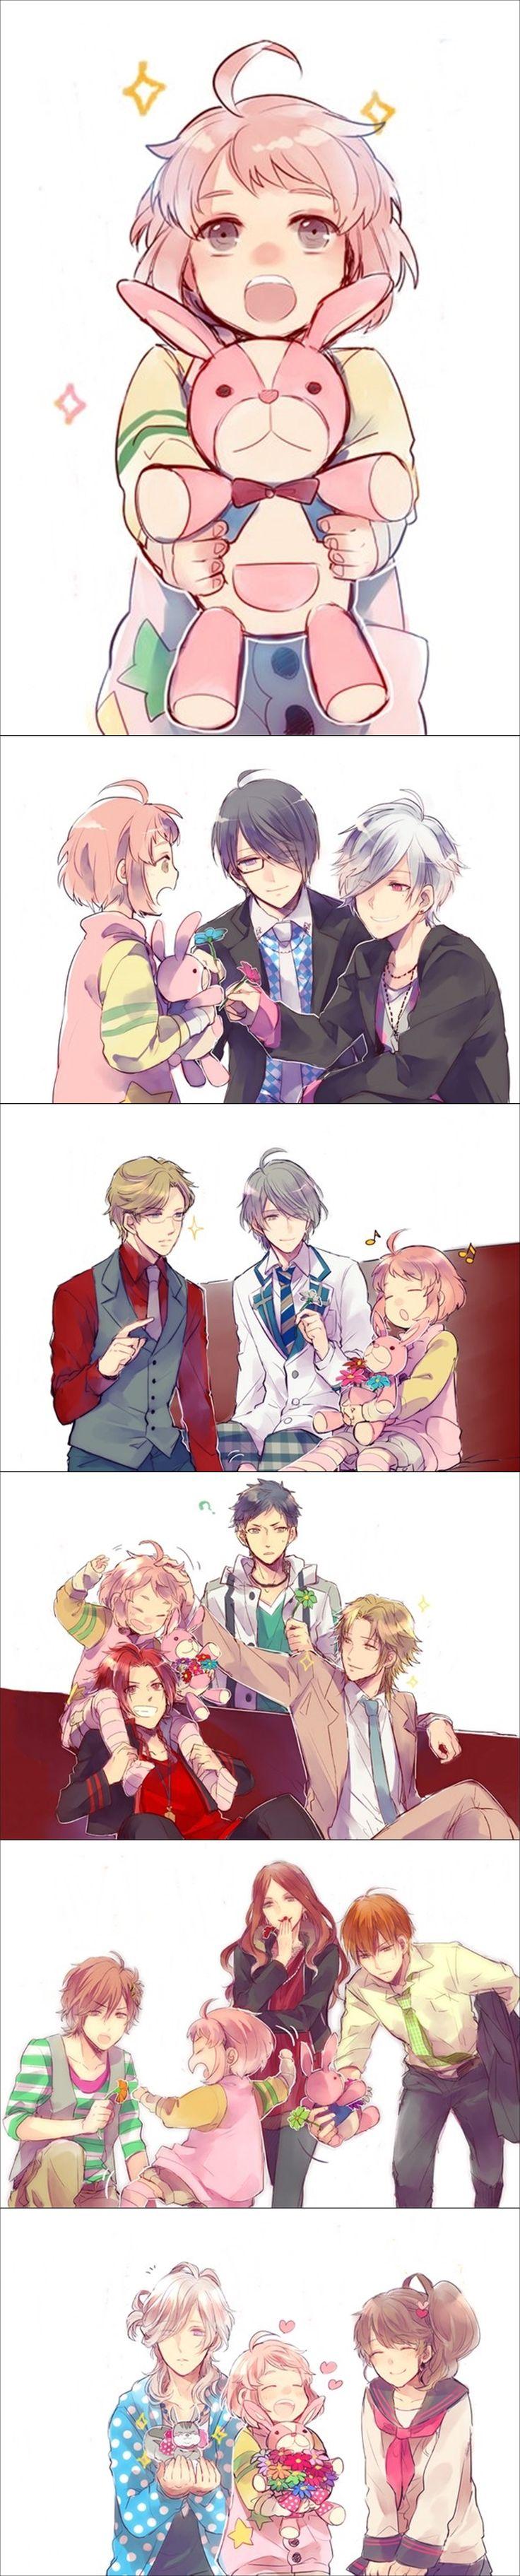 Brothers Conflict - Yusuke, Hikaru, Subaru, Futo, Louis, Tsubaki, Azusa, Natsume, Kaname, Iori, Wataru, Masaomo, Ukyo and Ema